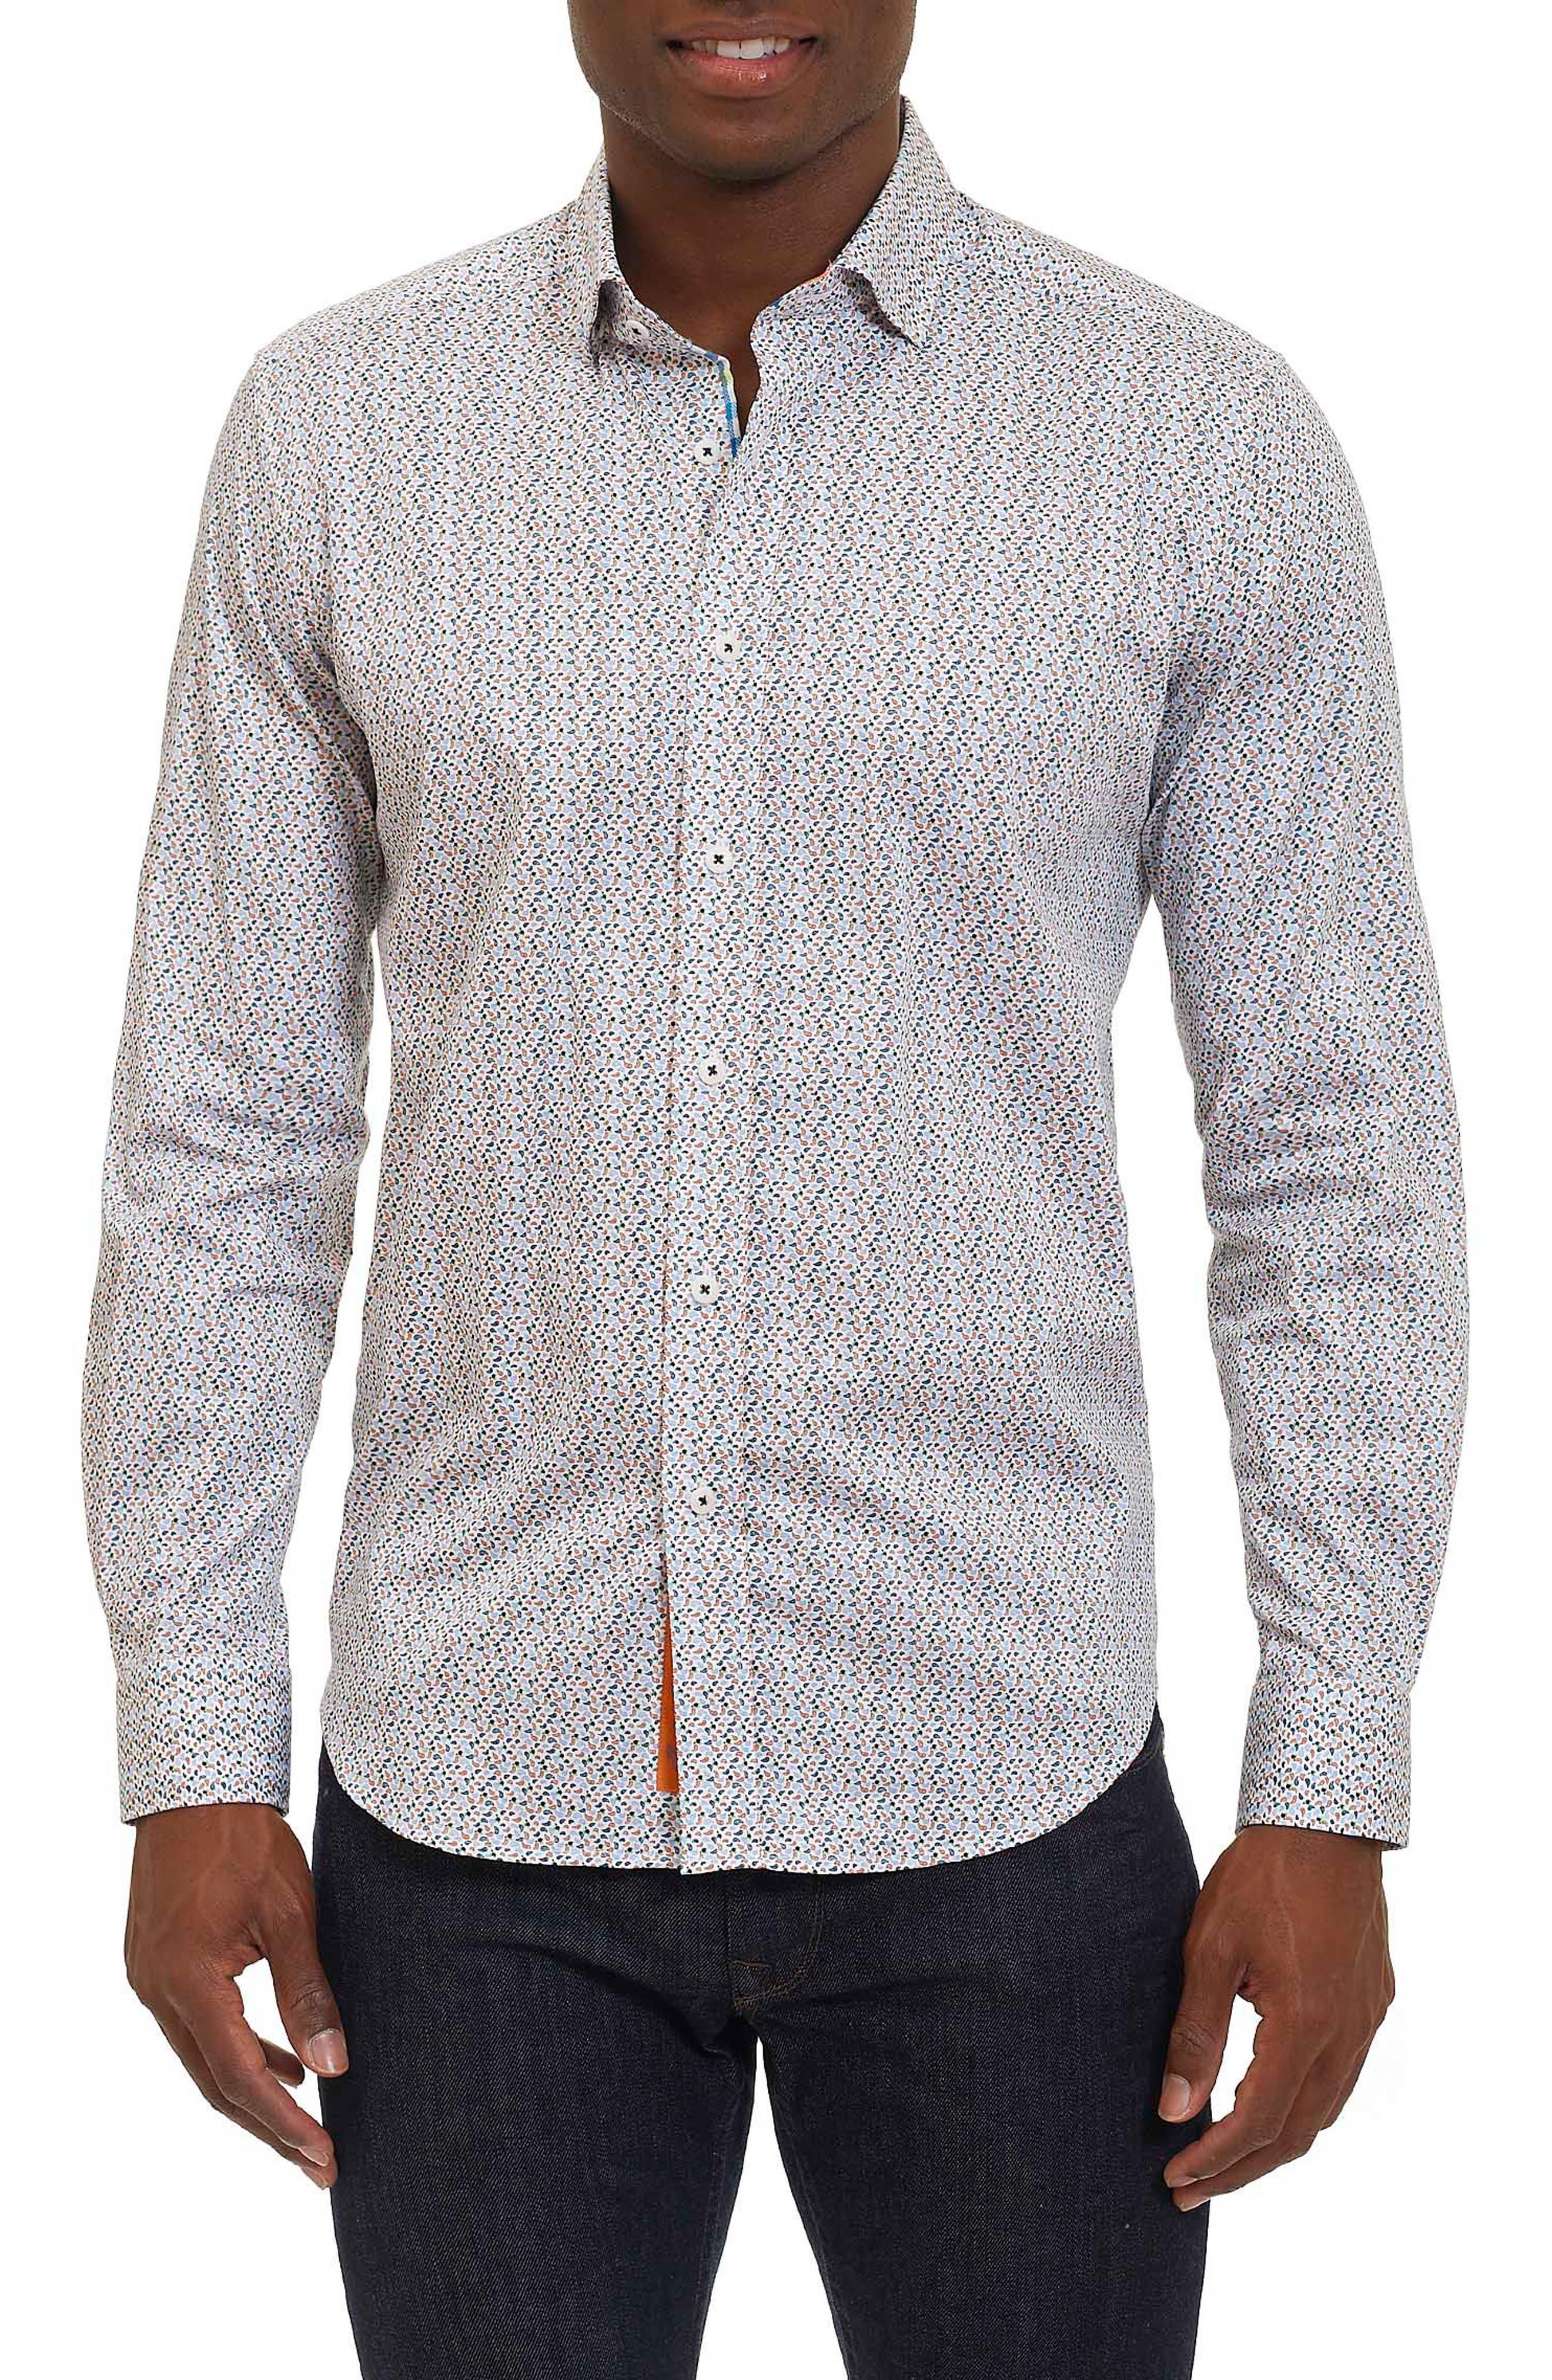 Phillip Print Sport Shirt,                         Main,                         color, Blue